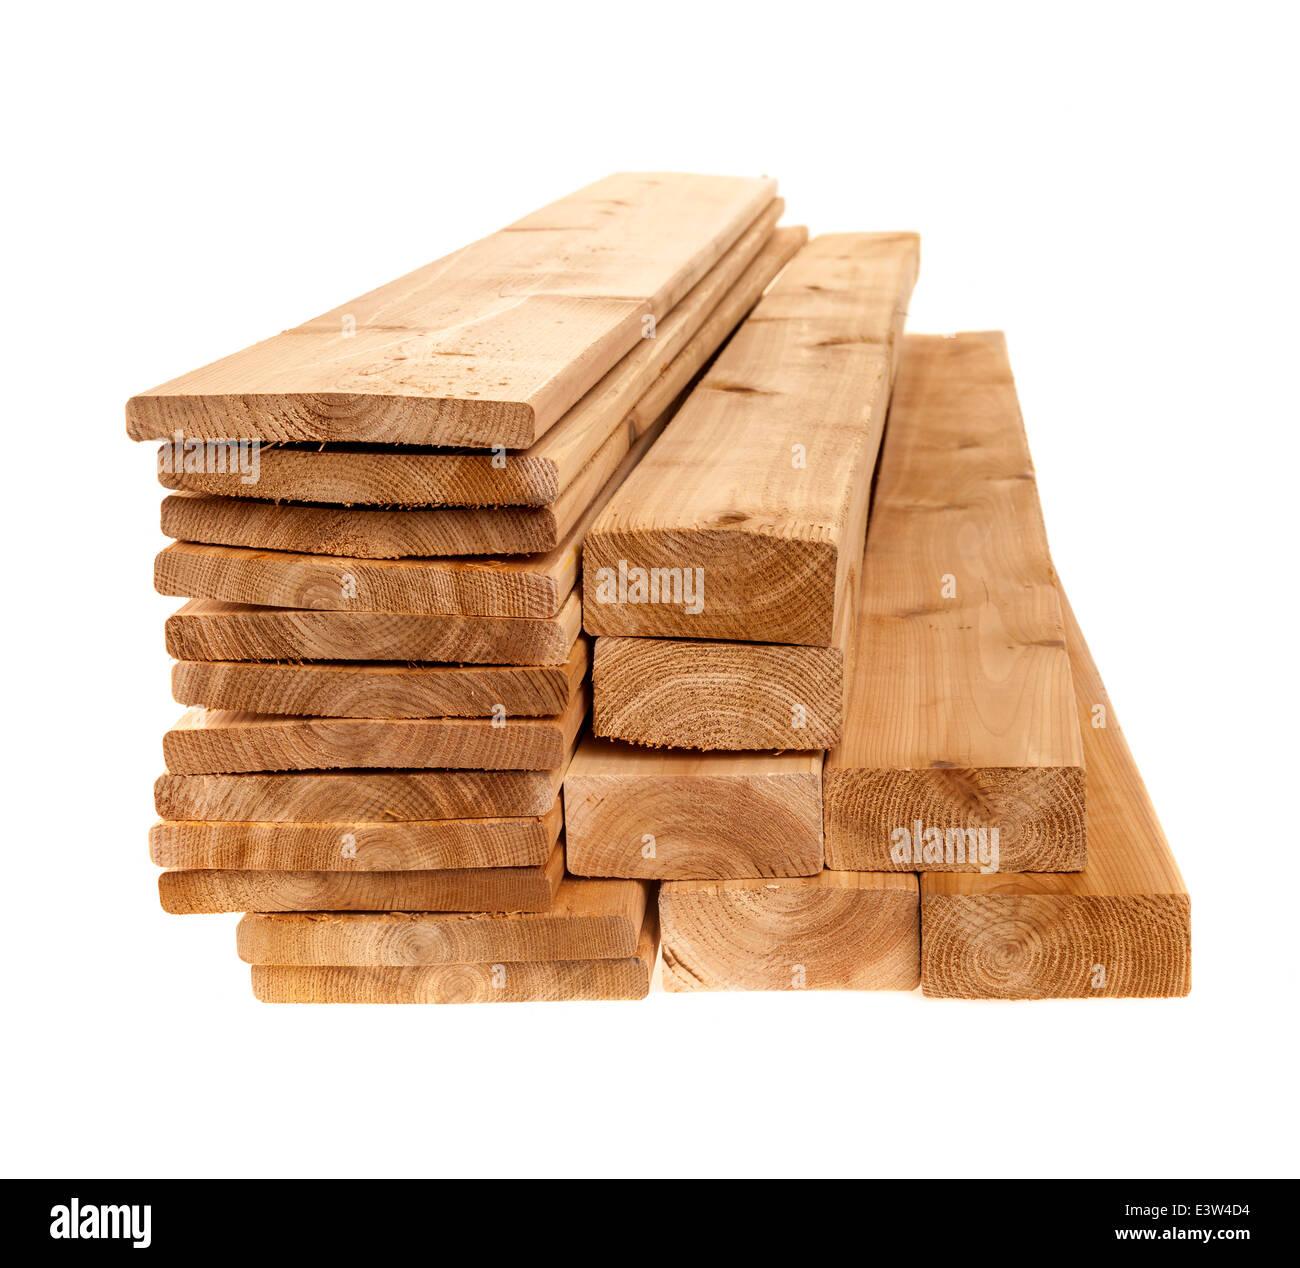 2x4 Lumber Stock Photos & 2x4 Lumber Stock Images - Alamy